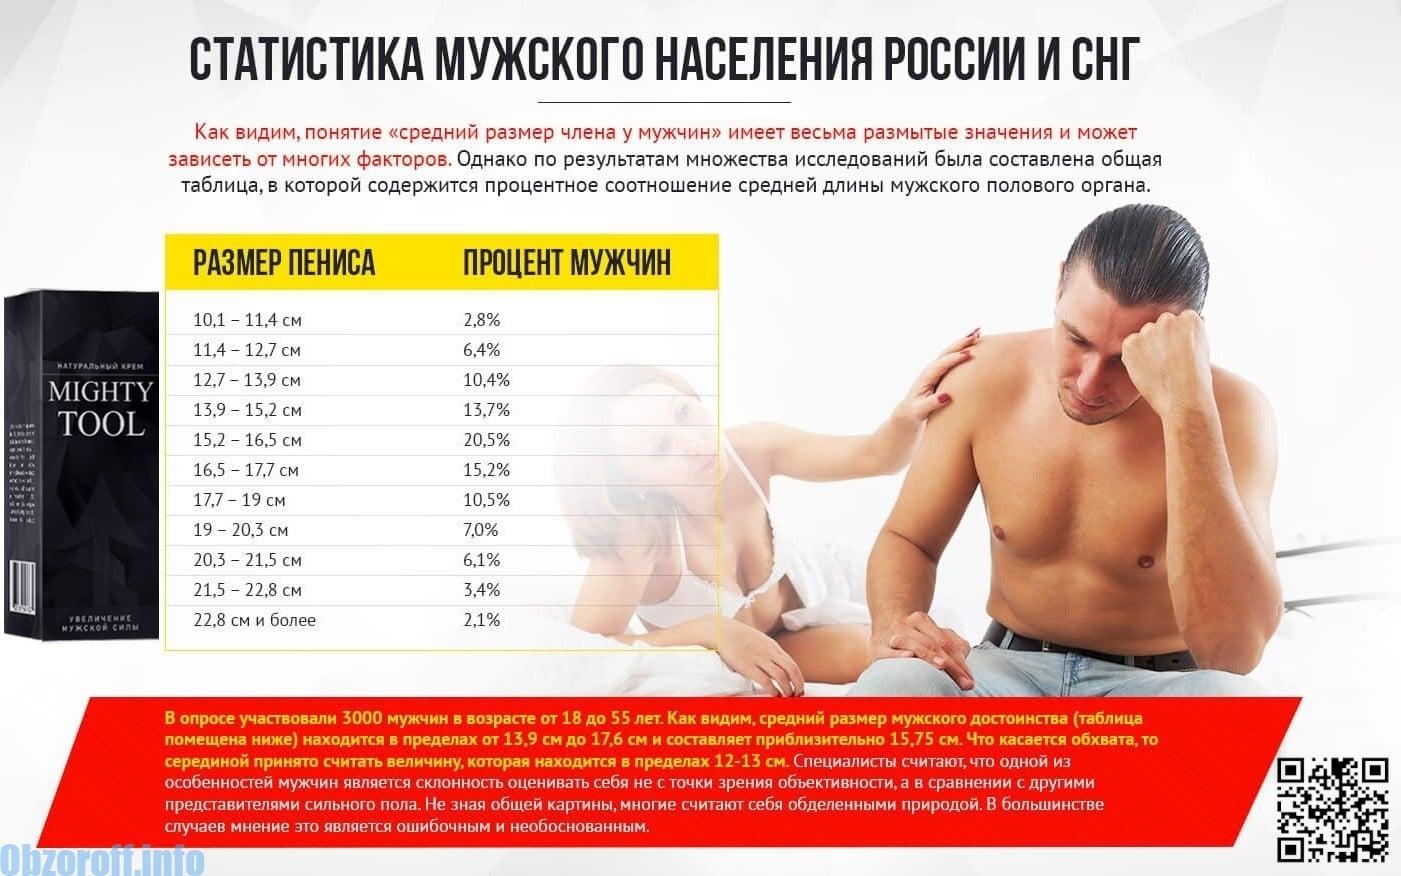 care era numele penisului în Rusia care hrană mărește erecția